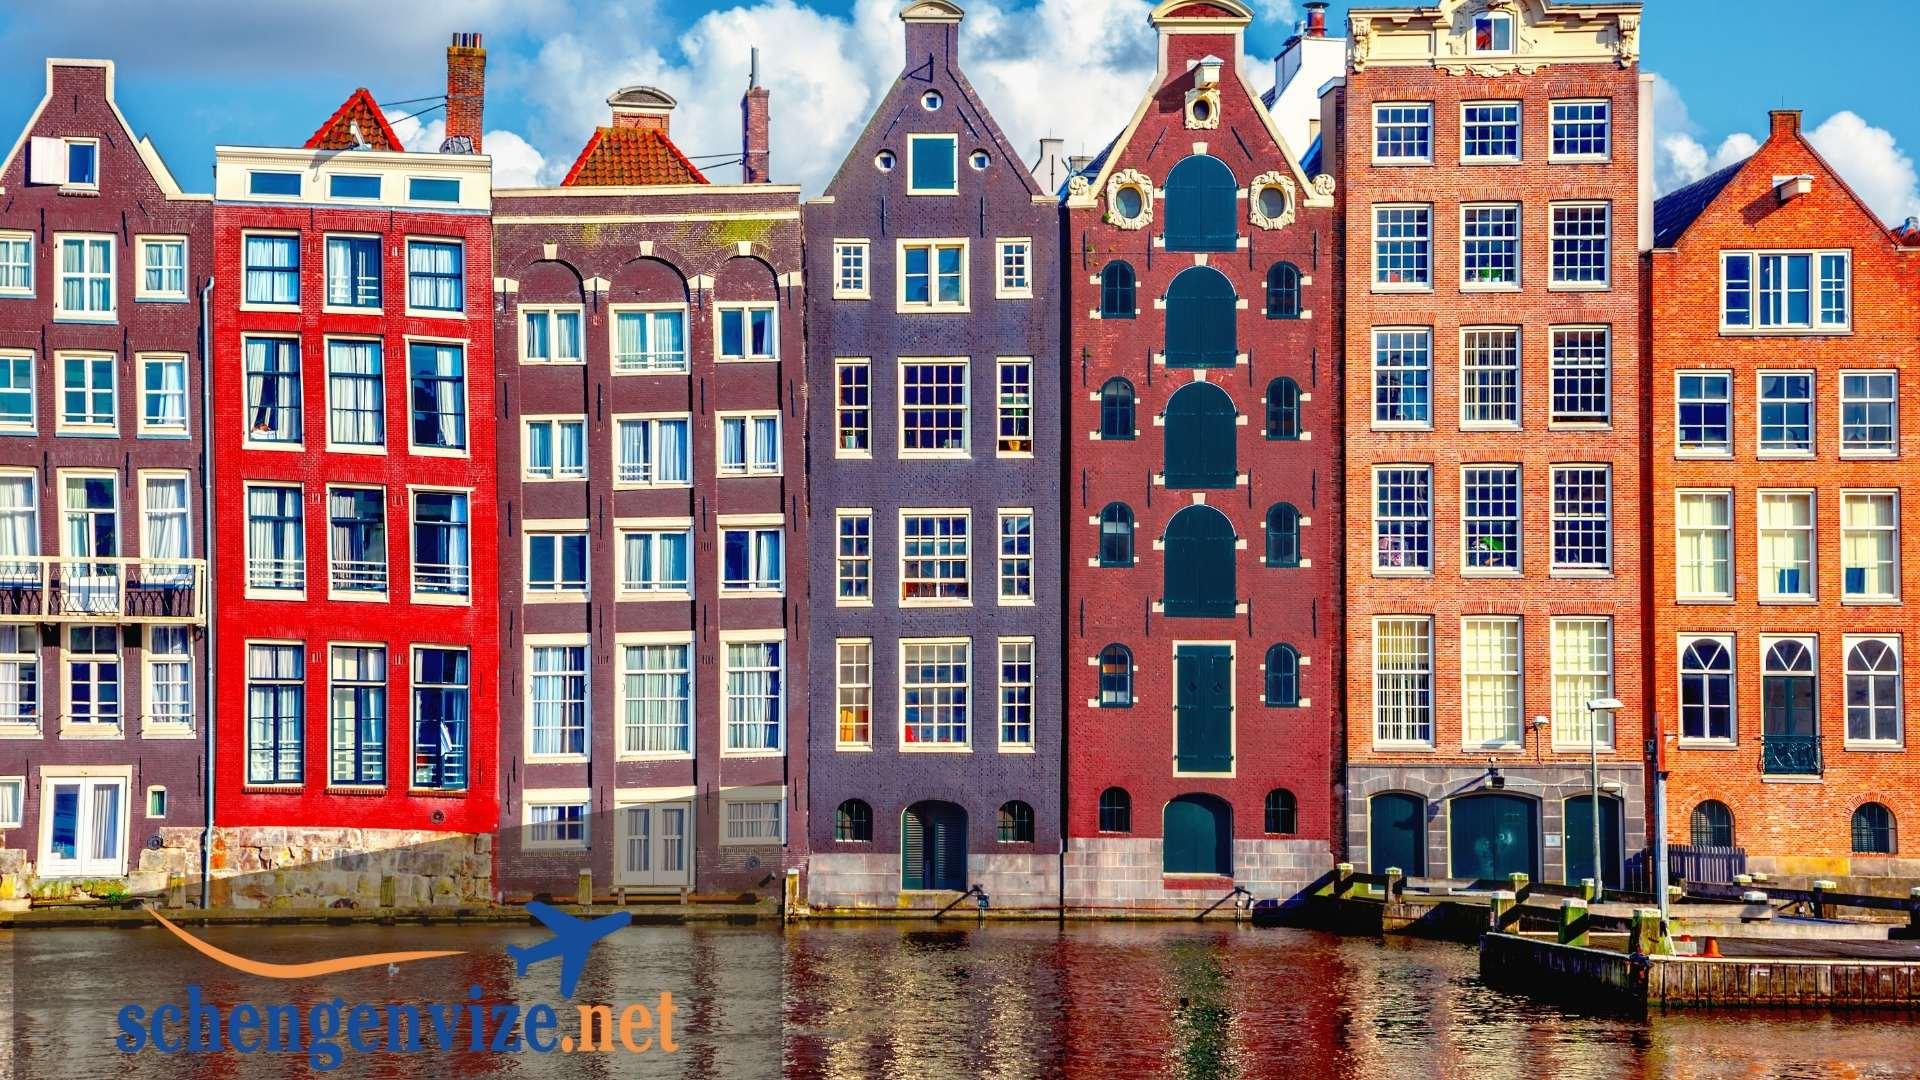 Hollanda Turistik Vize İçin Gerekli Olan Evraklar